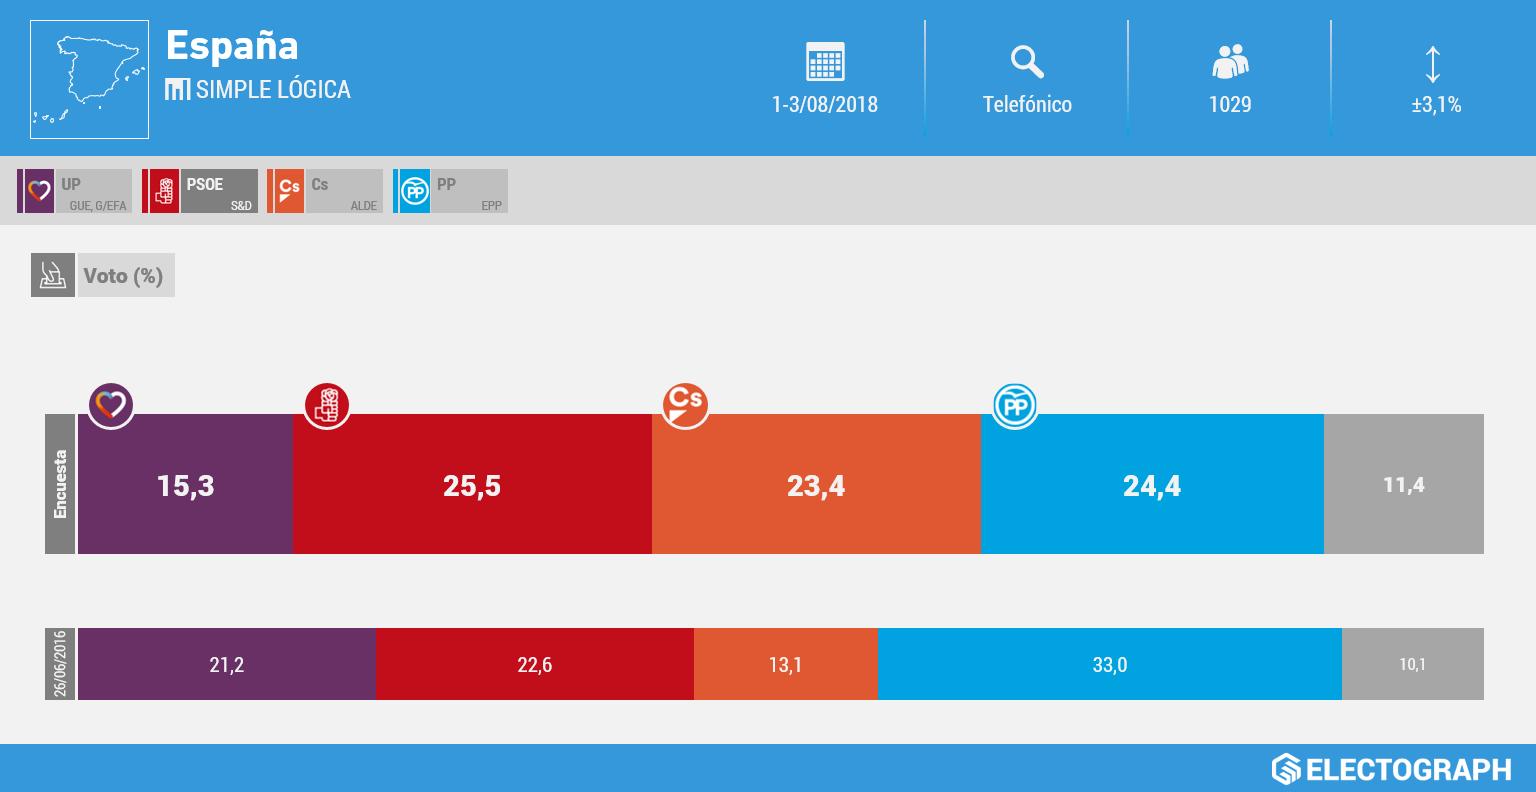 Gráfico de la encuesta para elecciones generales en España realizada por Simple Lógica en agosto de 2018